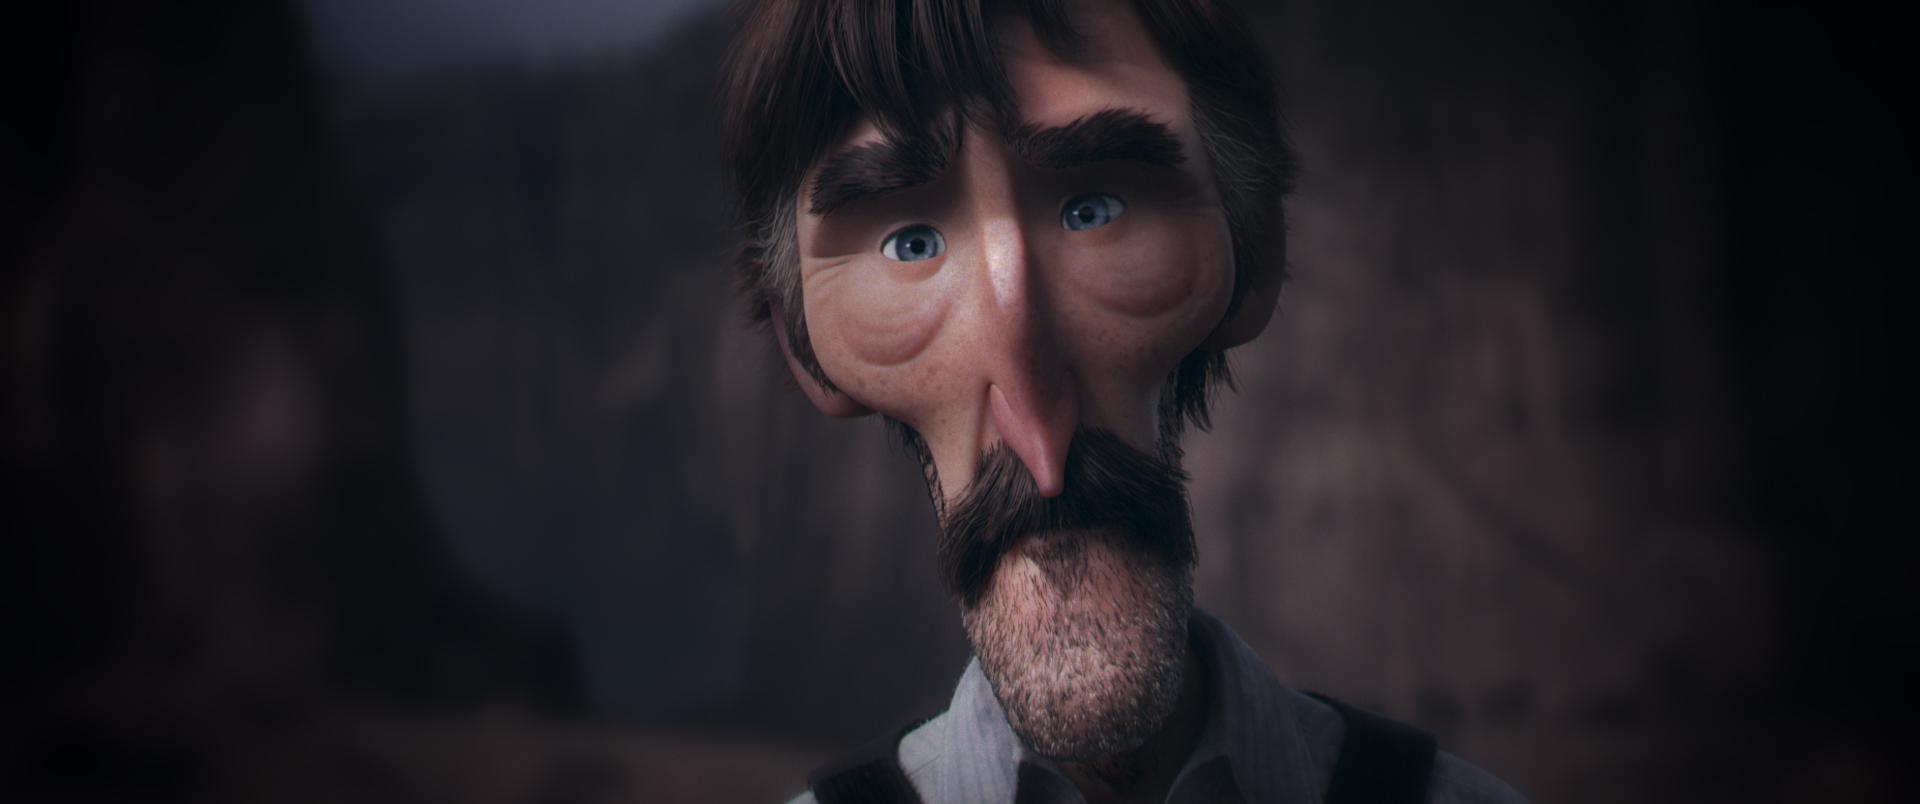 """""""Pixar""""ın bir çox mükafat almış möhtəşəm və təsirli qısametrajlı animasiya filmi (VİDEO)"""